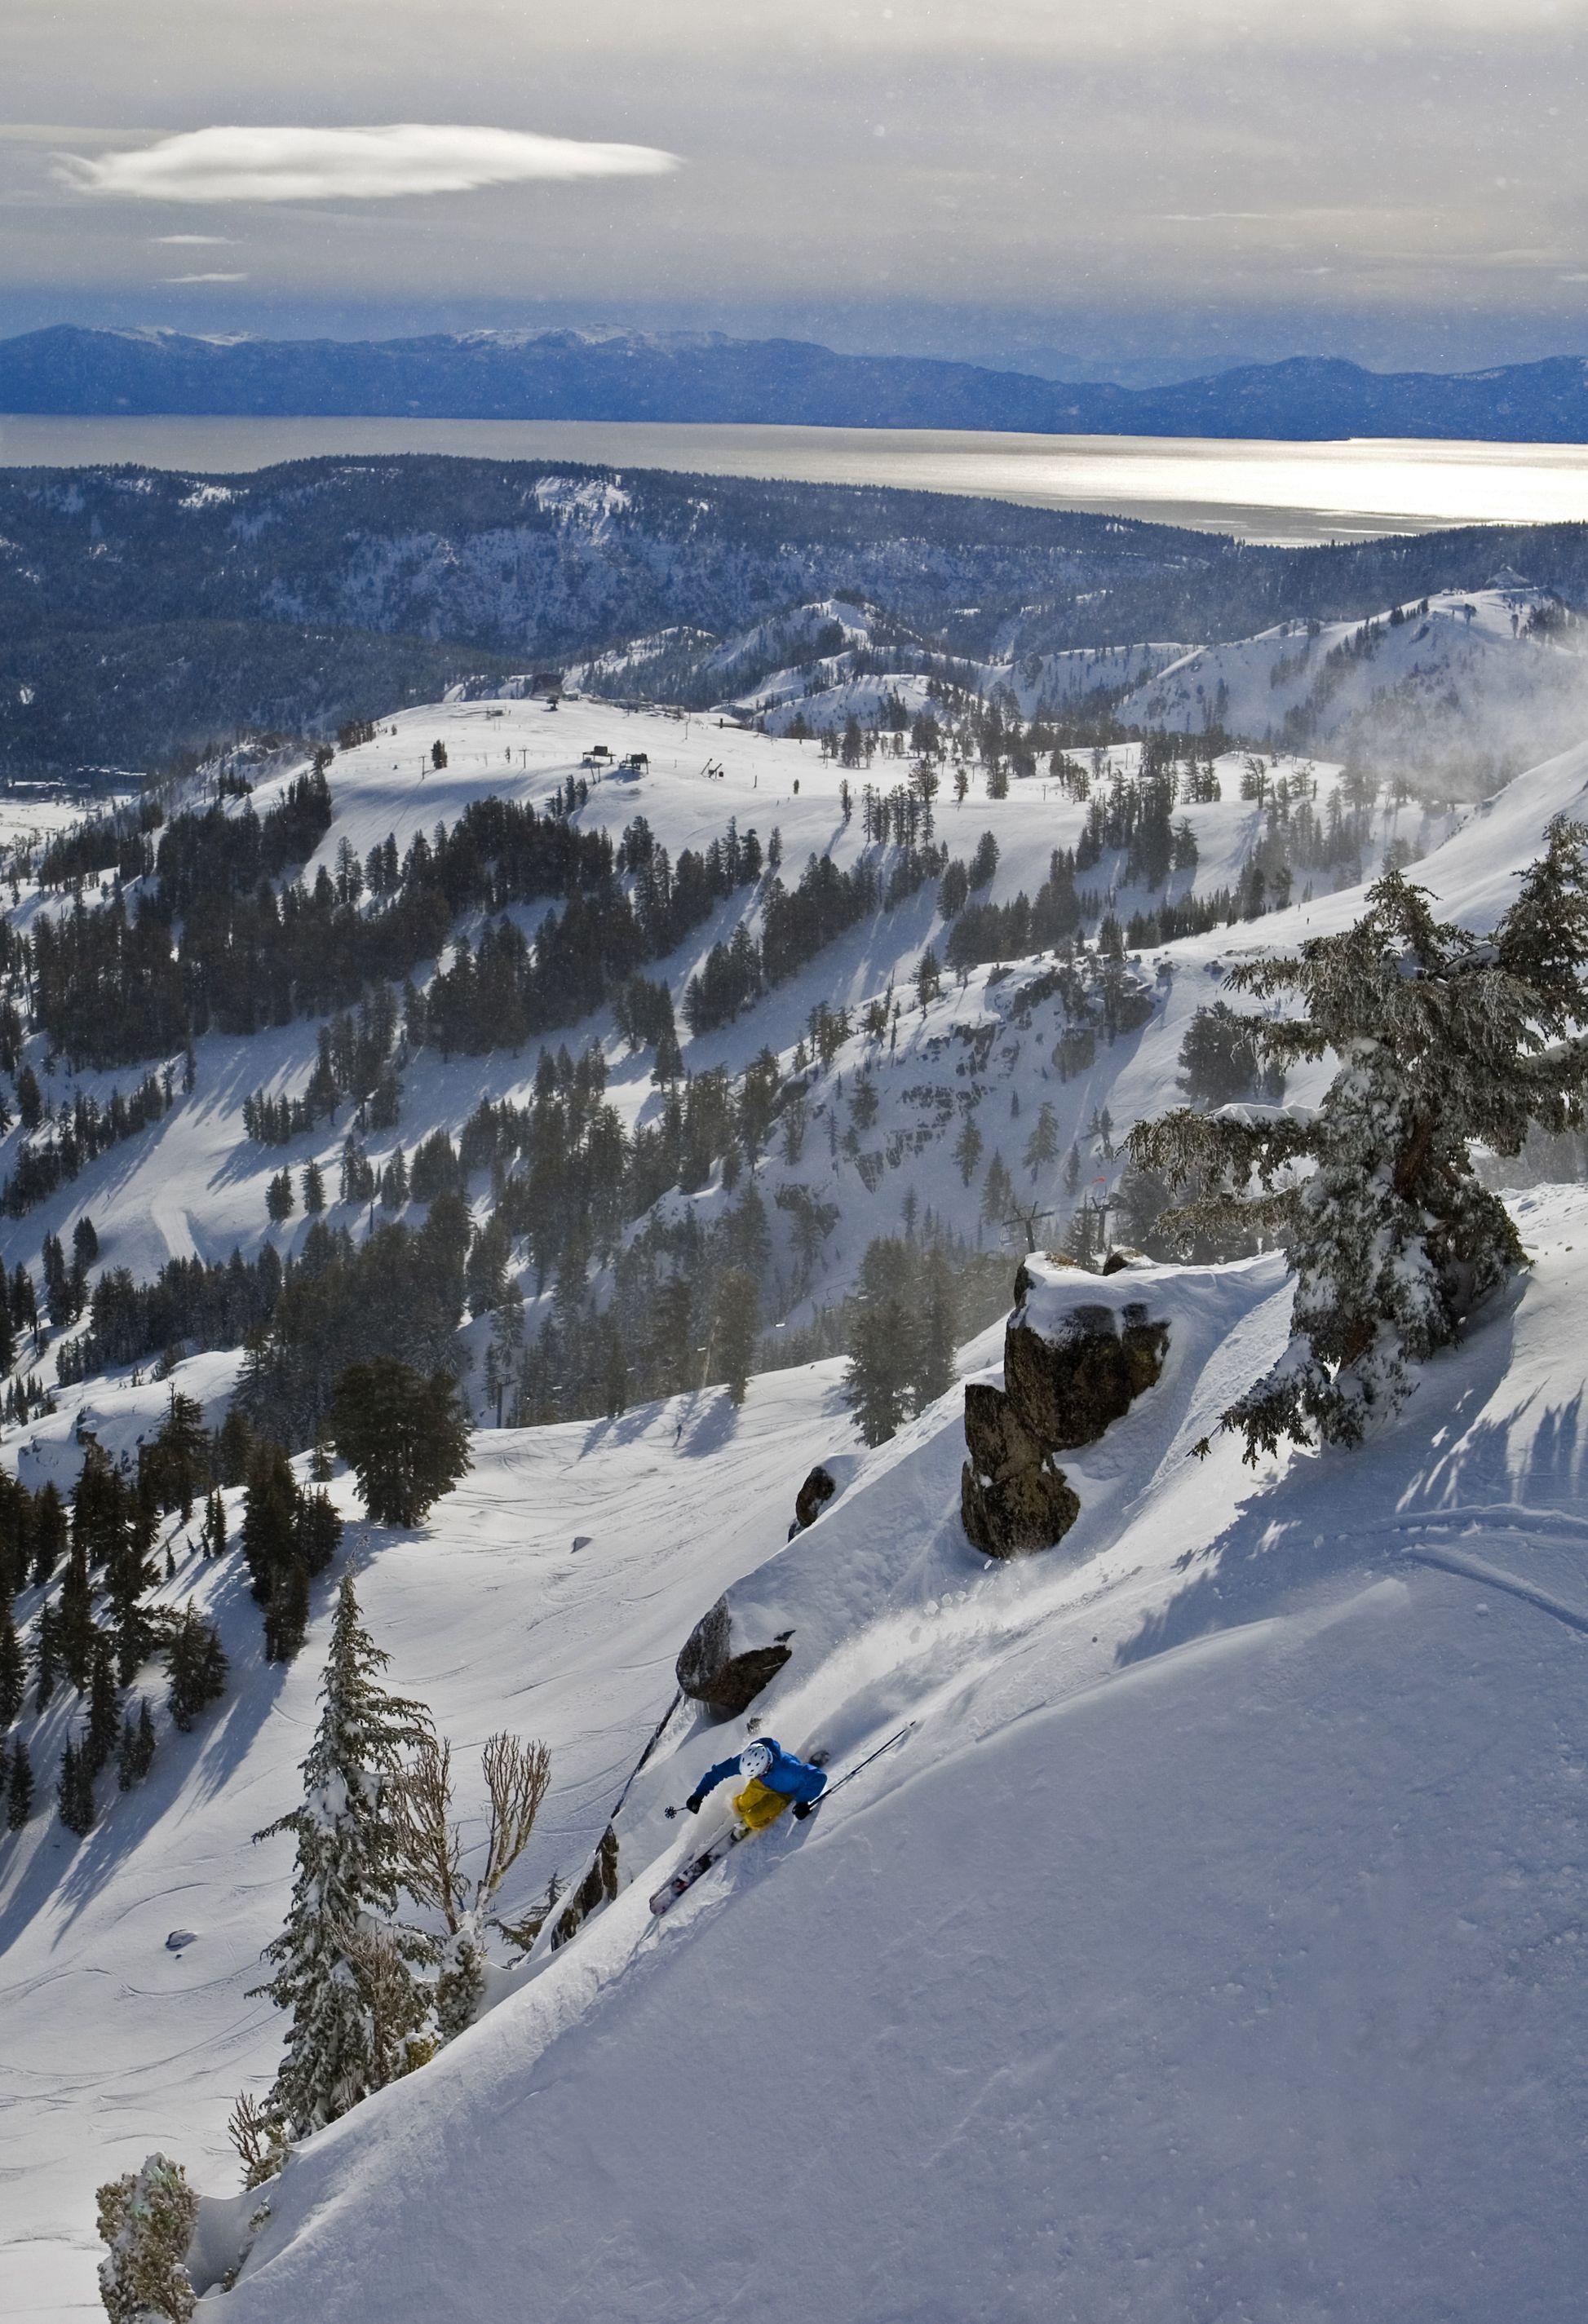 Lake Tahoe Winter Wallpaper Desktop Background: Ski & Snowboard At Squaw Valley, One Of Lake Tahoe's